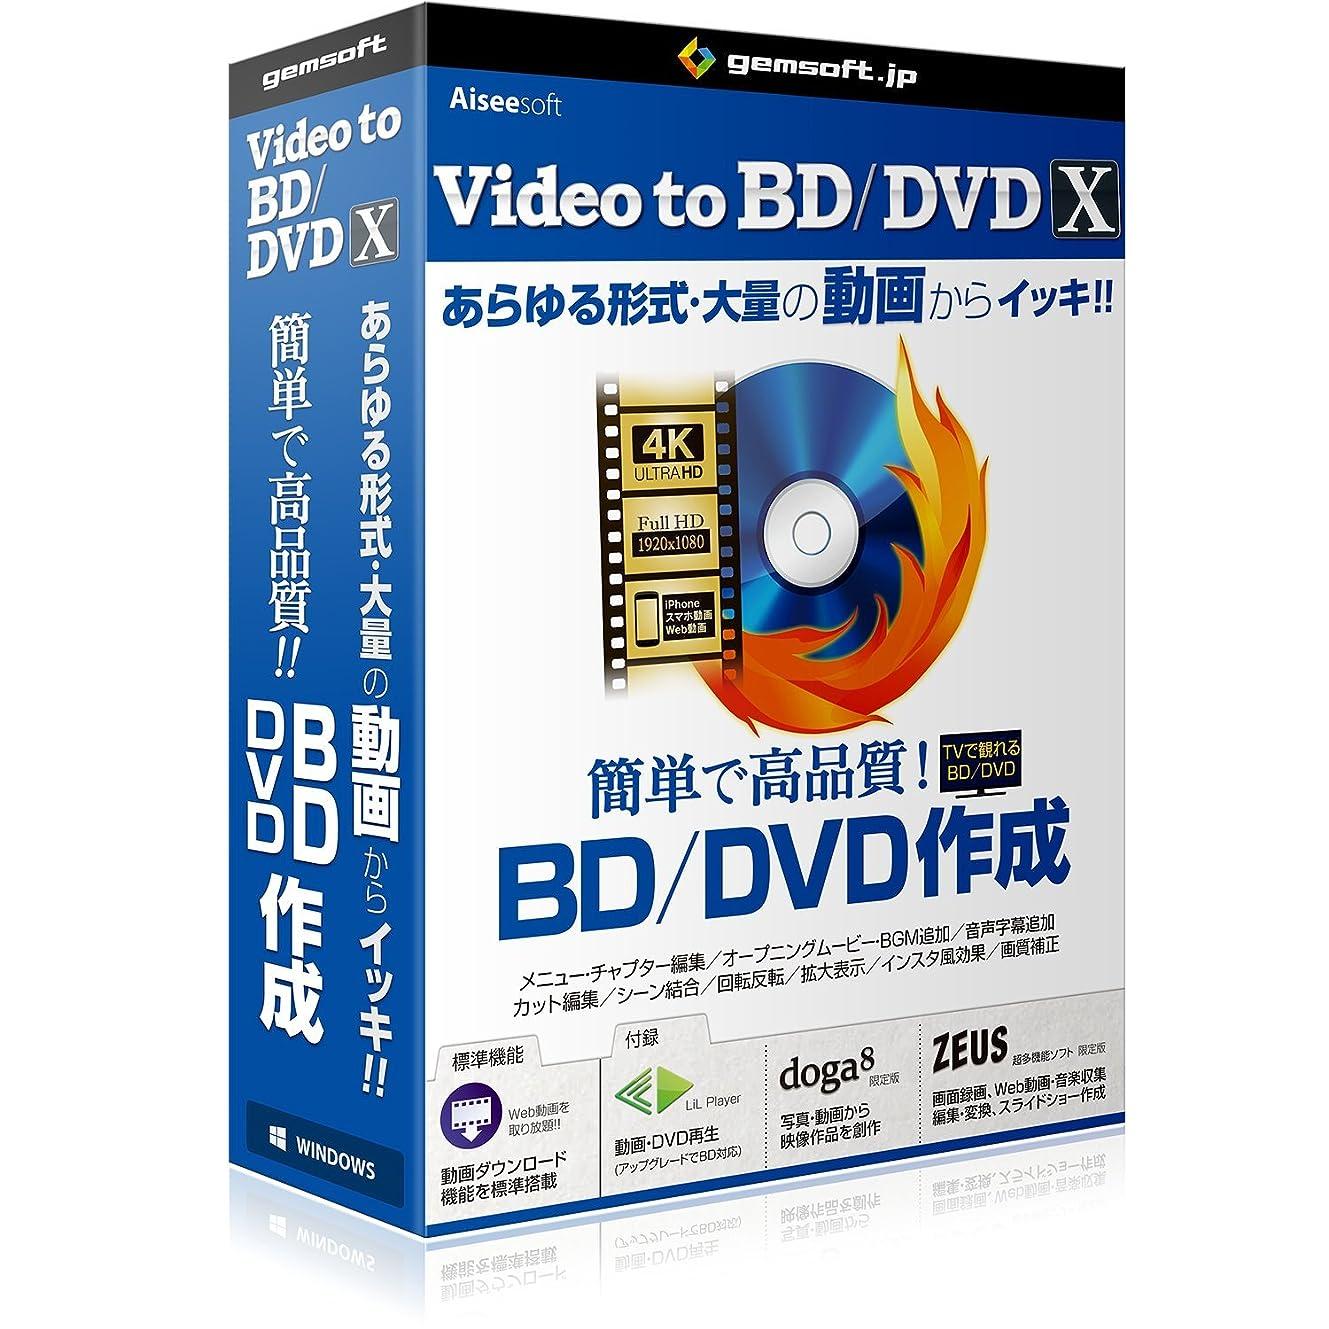 心のこもったネット愛情Video to BD/DVD X ~高品質なBD/DVDを簡単作成 | ボックス版 | Win対応